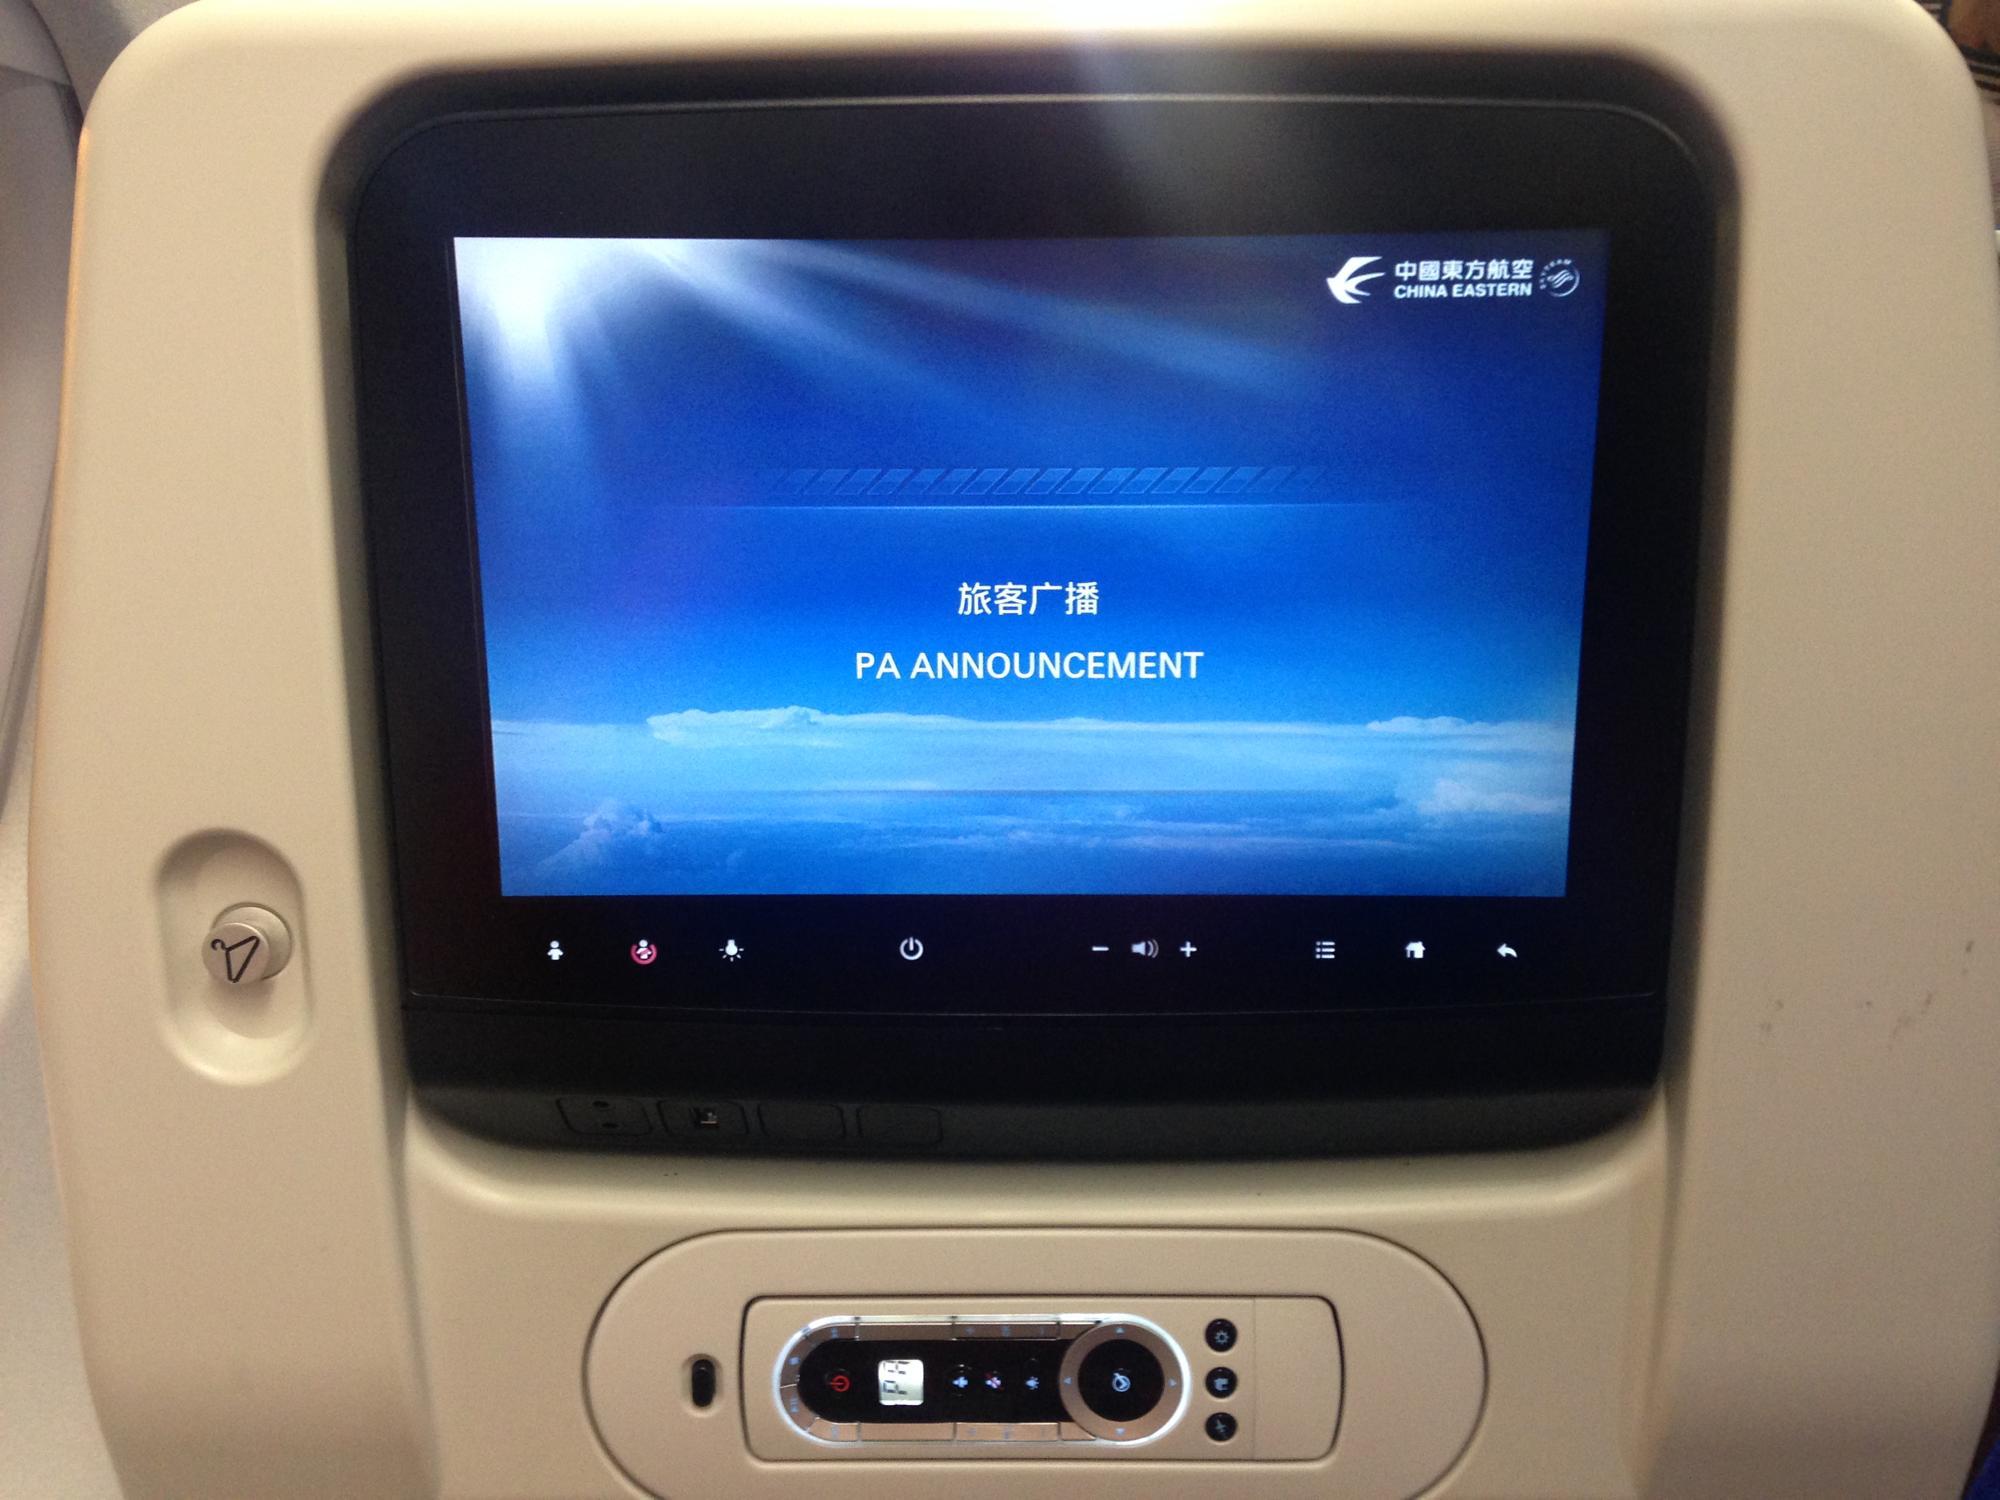 中国東方航空 画面パネル